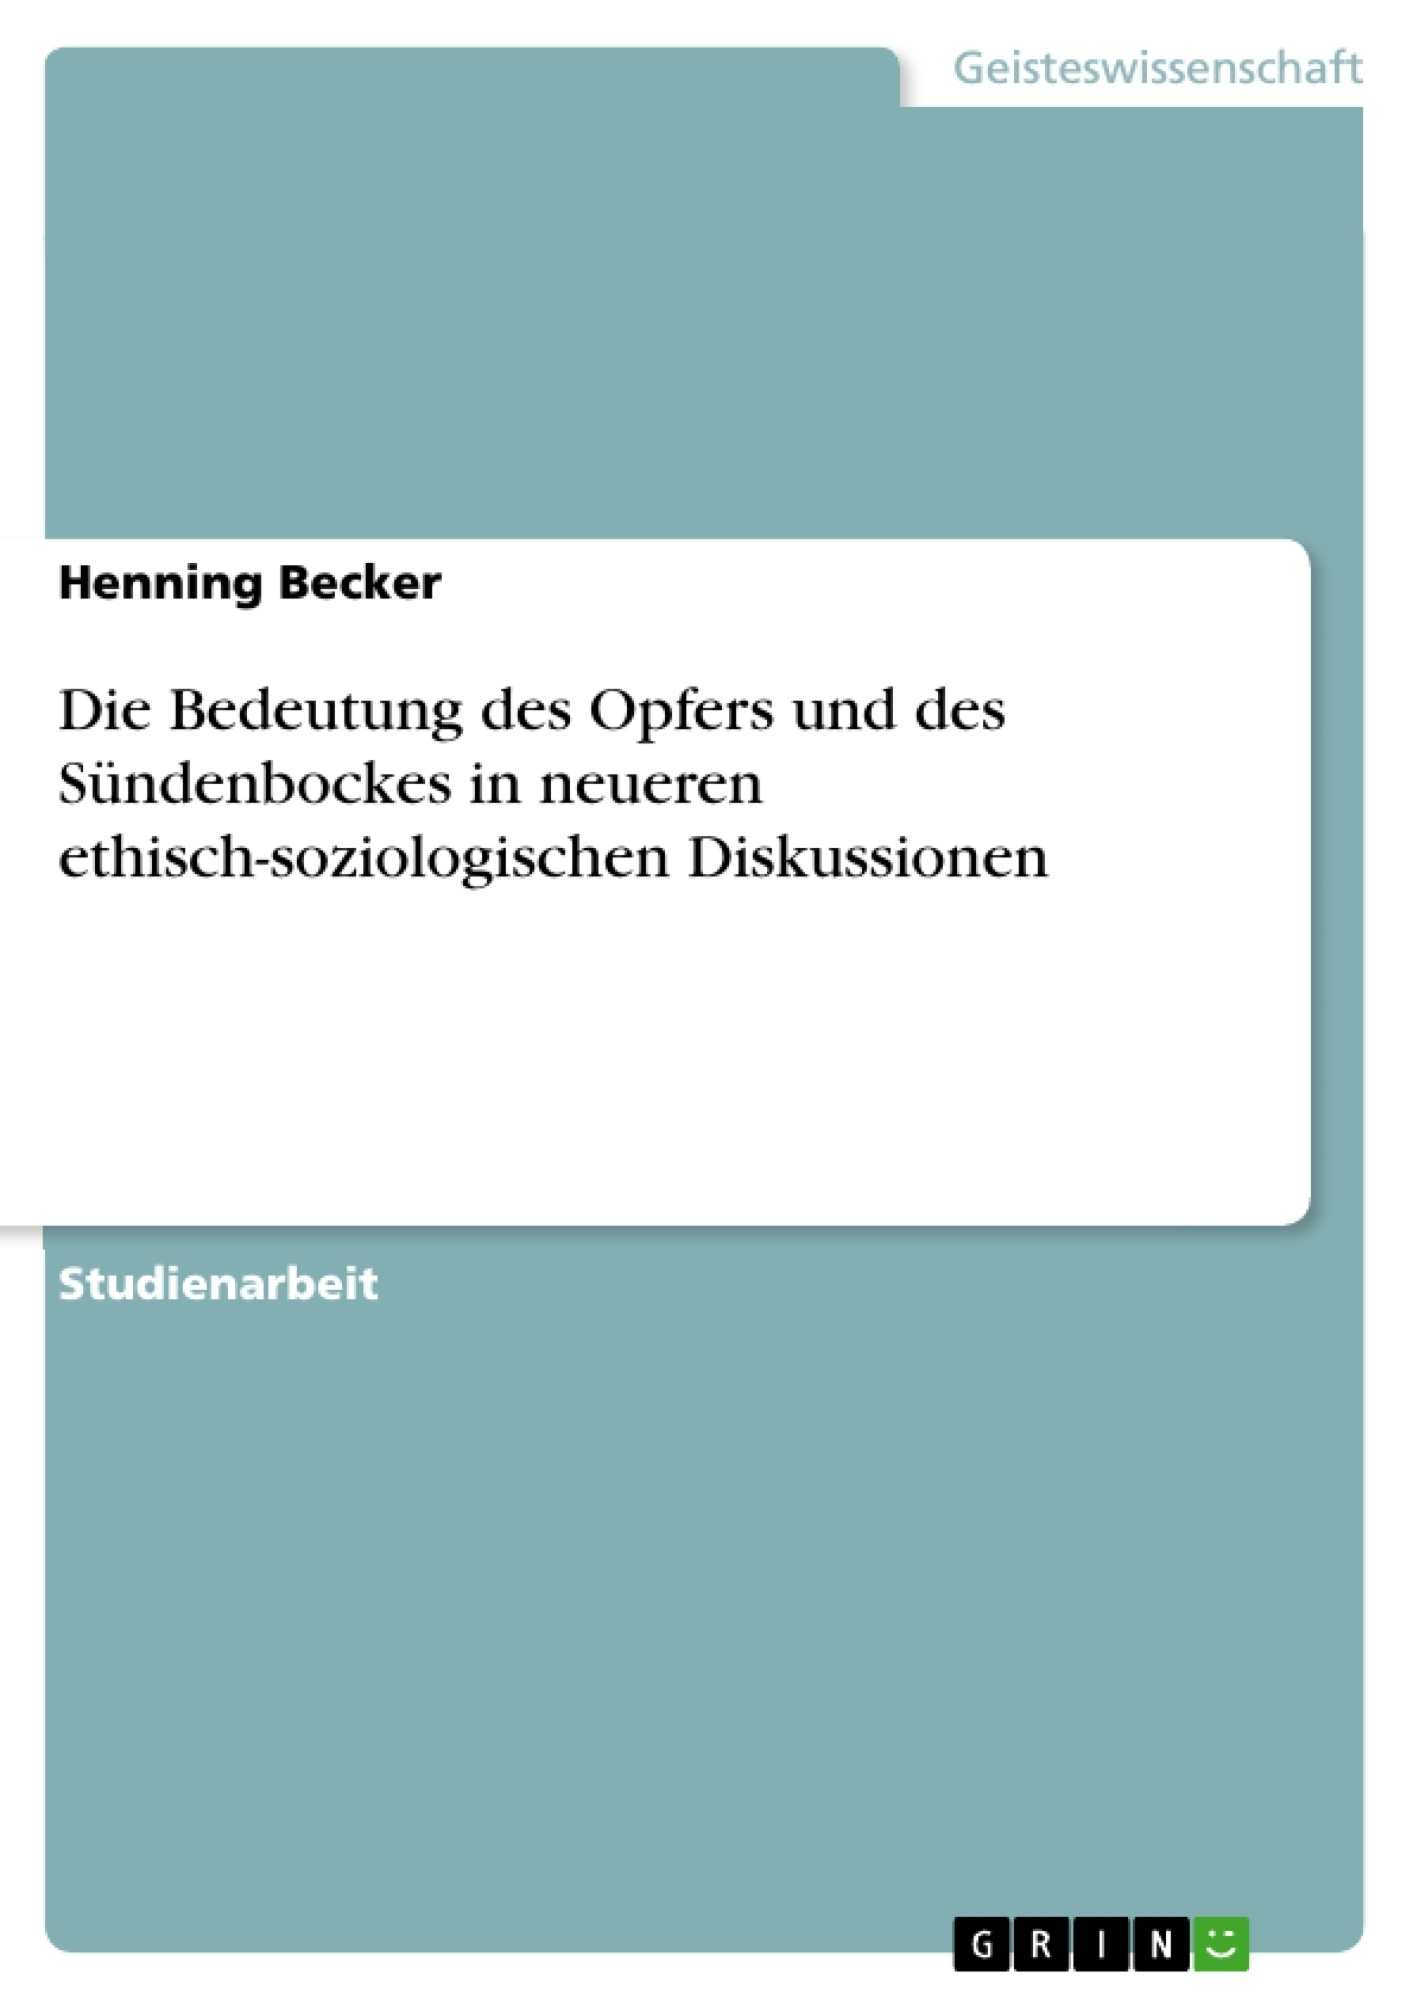 Titel: Die Bedeutung des Opfers und des Sündenbockes in neueren ethisch-soziologischen Diskussionen